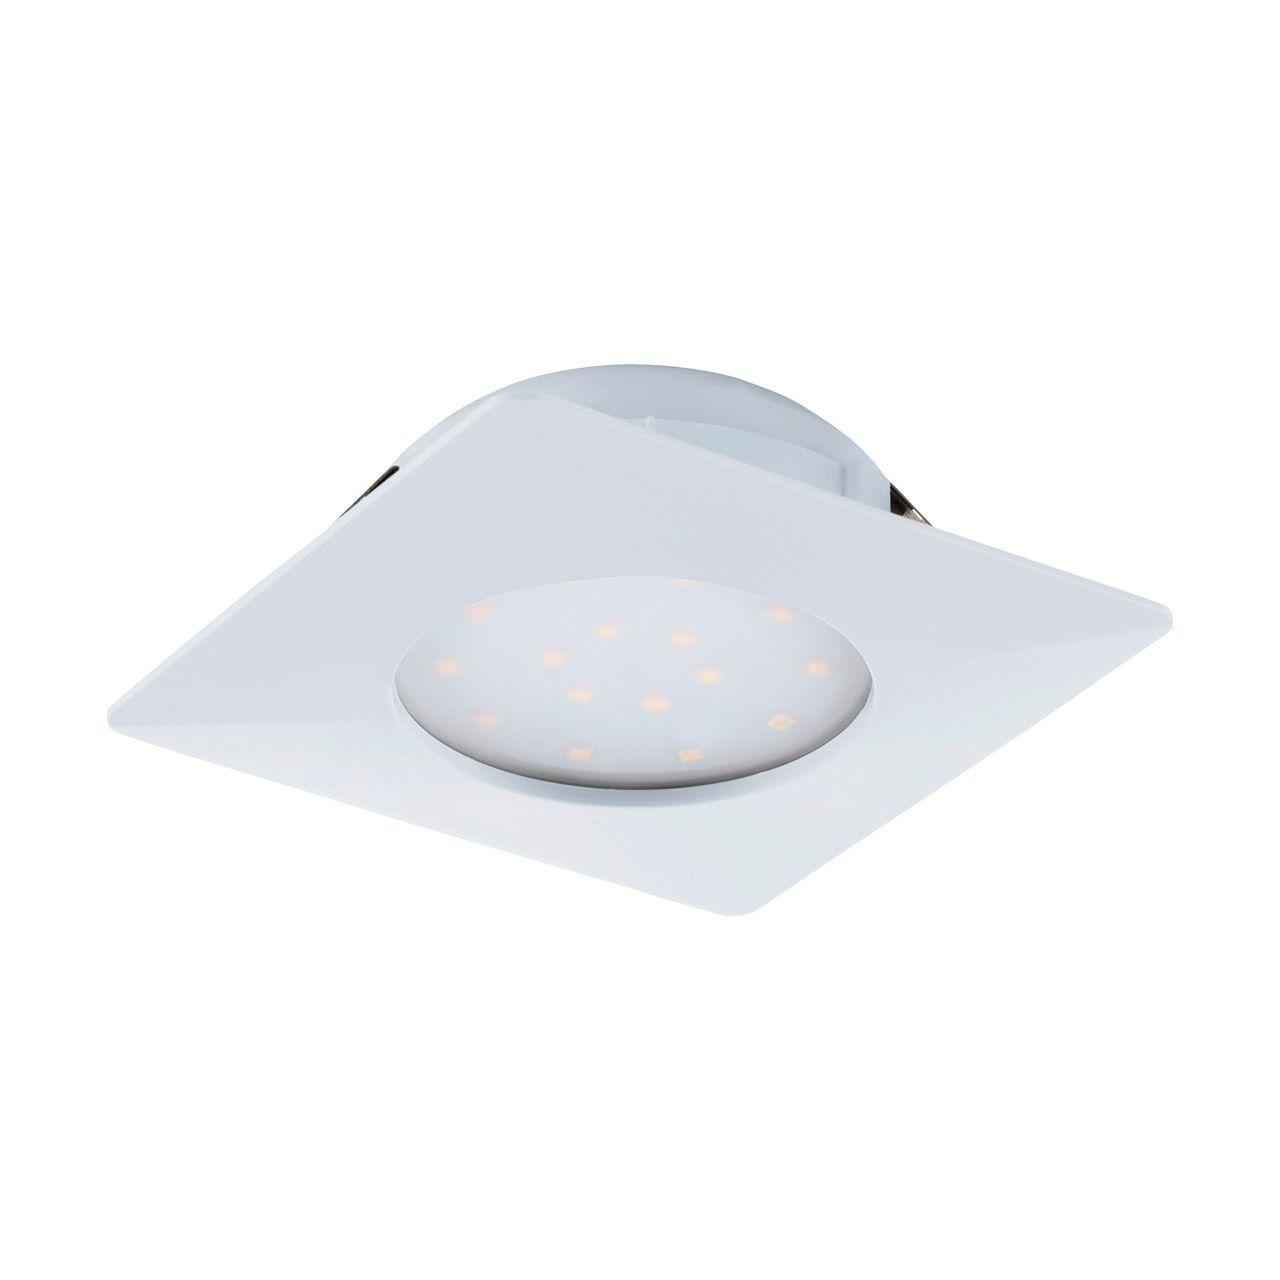 Встраиваемый светодиодный светильник Eglo Pineda 95861 встраиваемый светодиодный светильник eglo pineda 95868